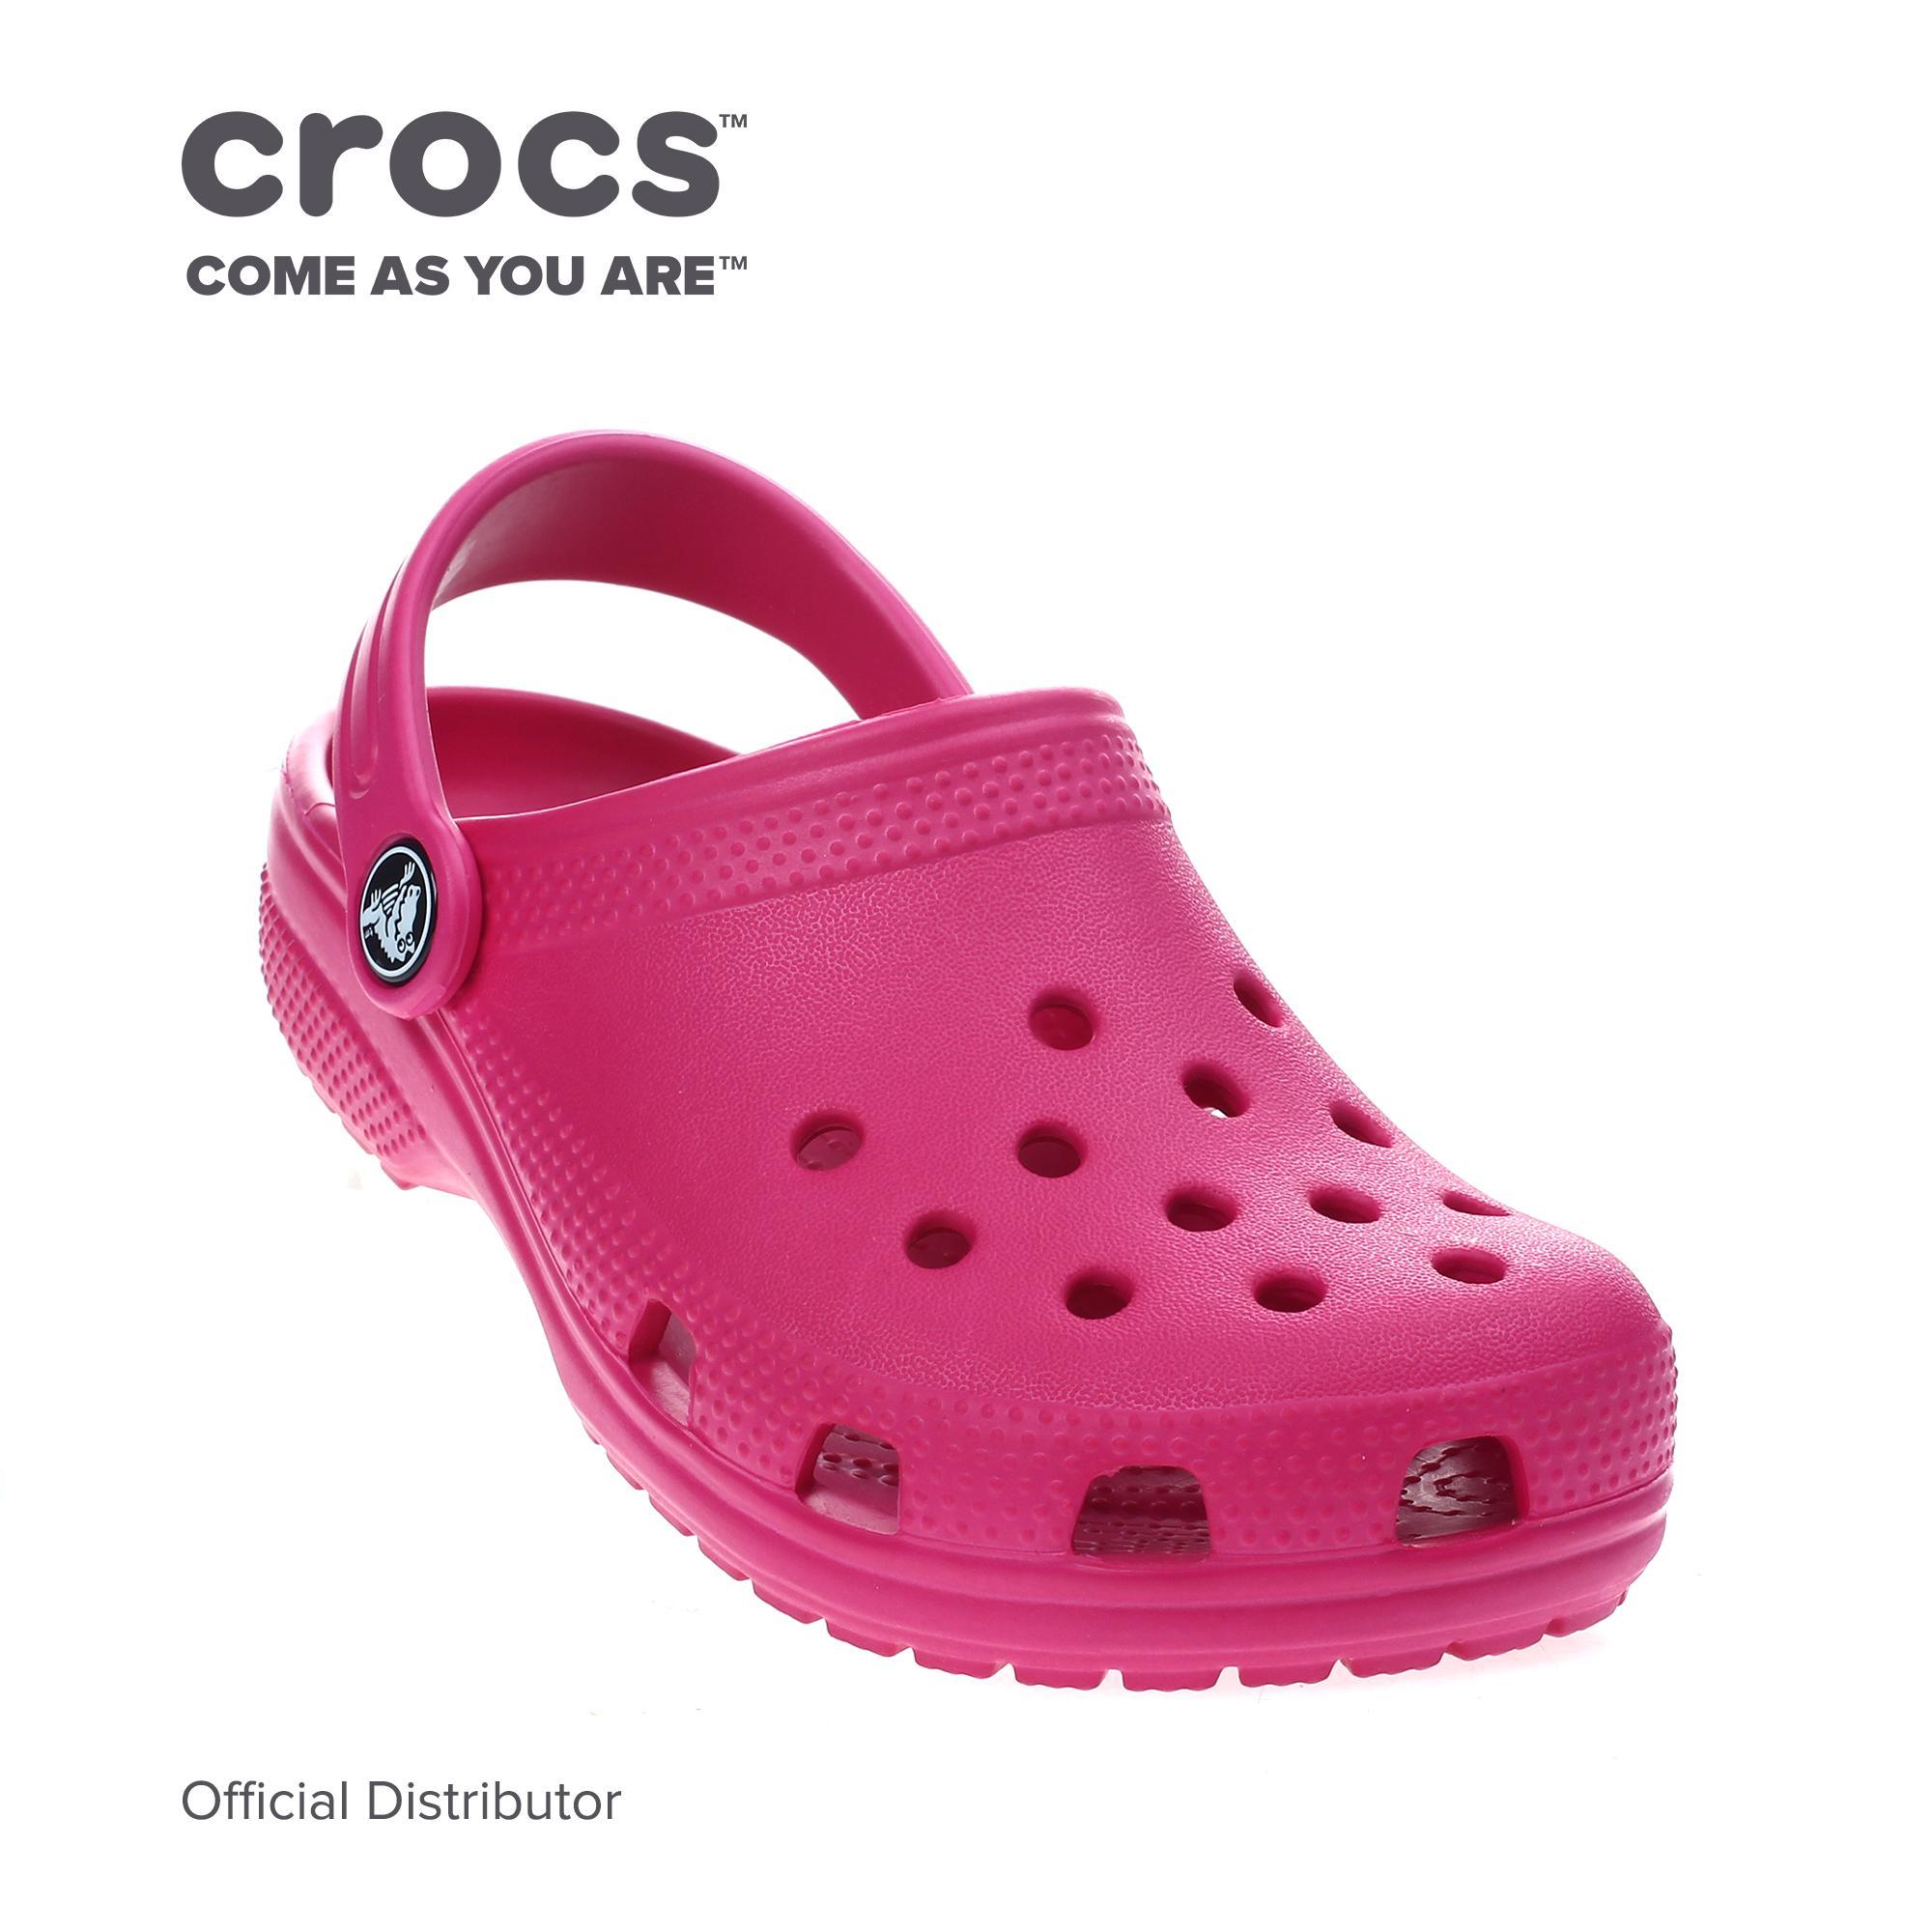 Crocs Kids' Classic Clog: Buy sell